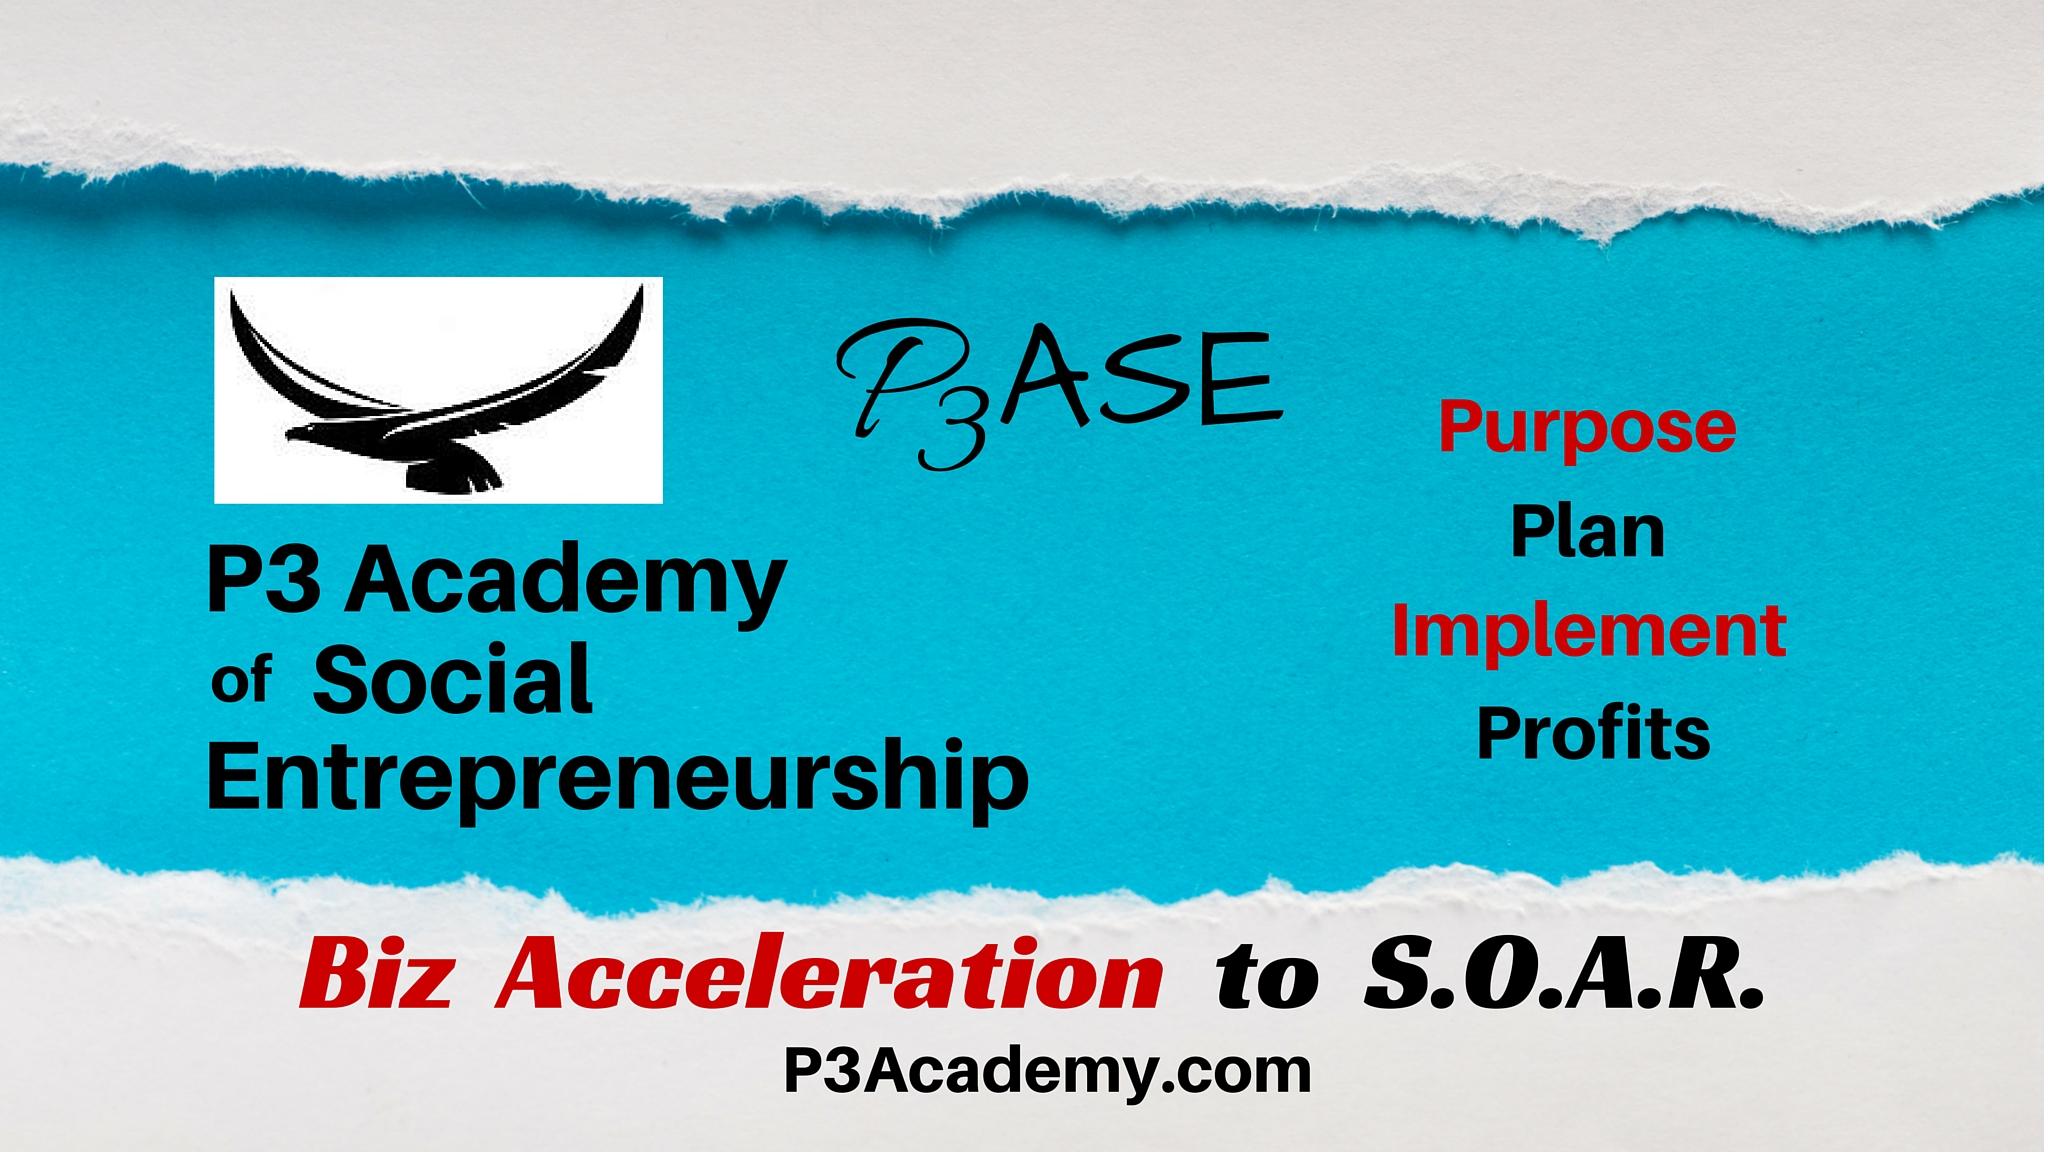 P3 ASE Banner_3_Image_Blue_BA2SOAR_v3_082515 (2)